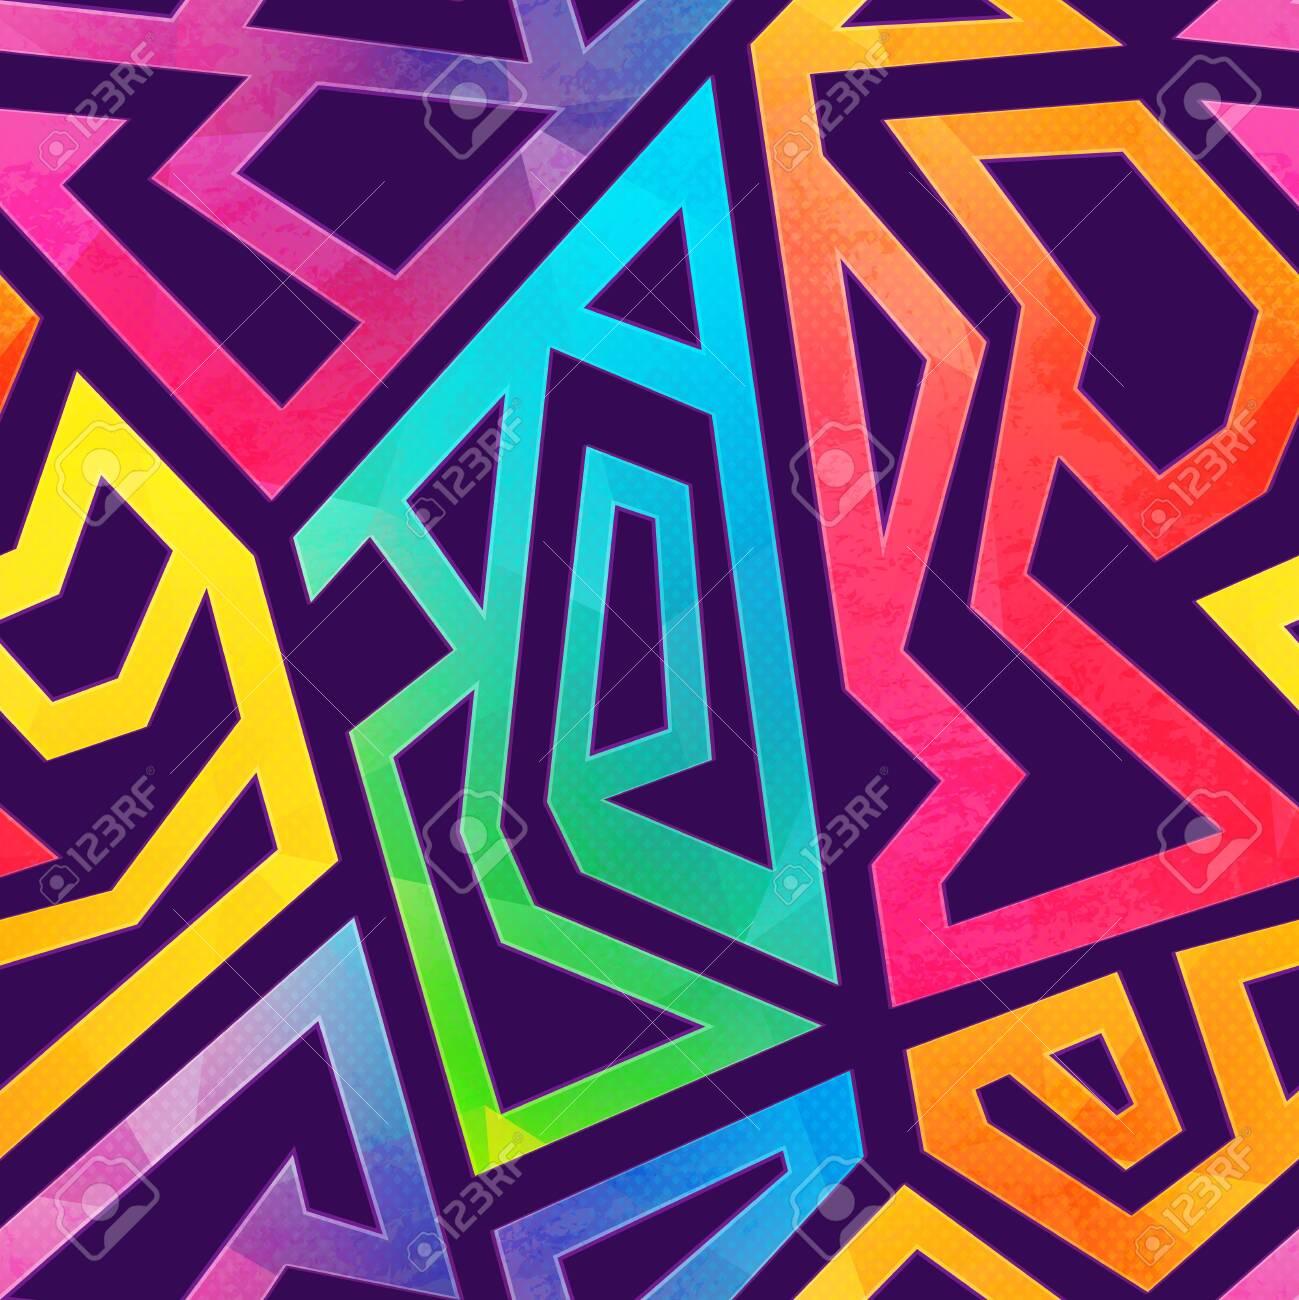 Graffiti geometric pattern with grunge effect - 133467673